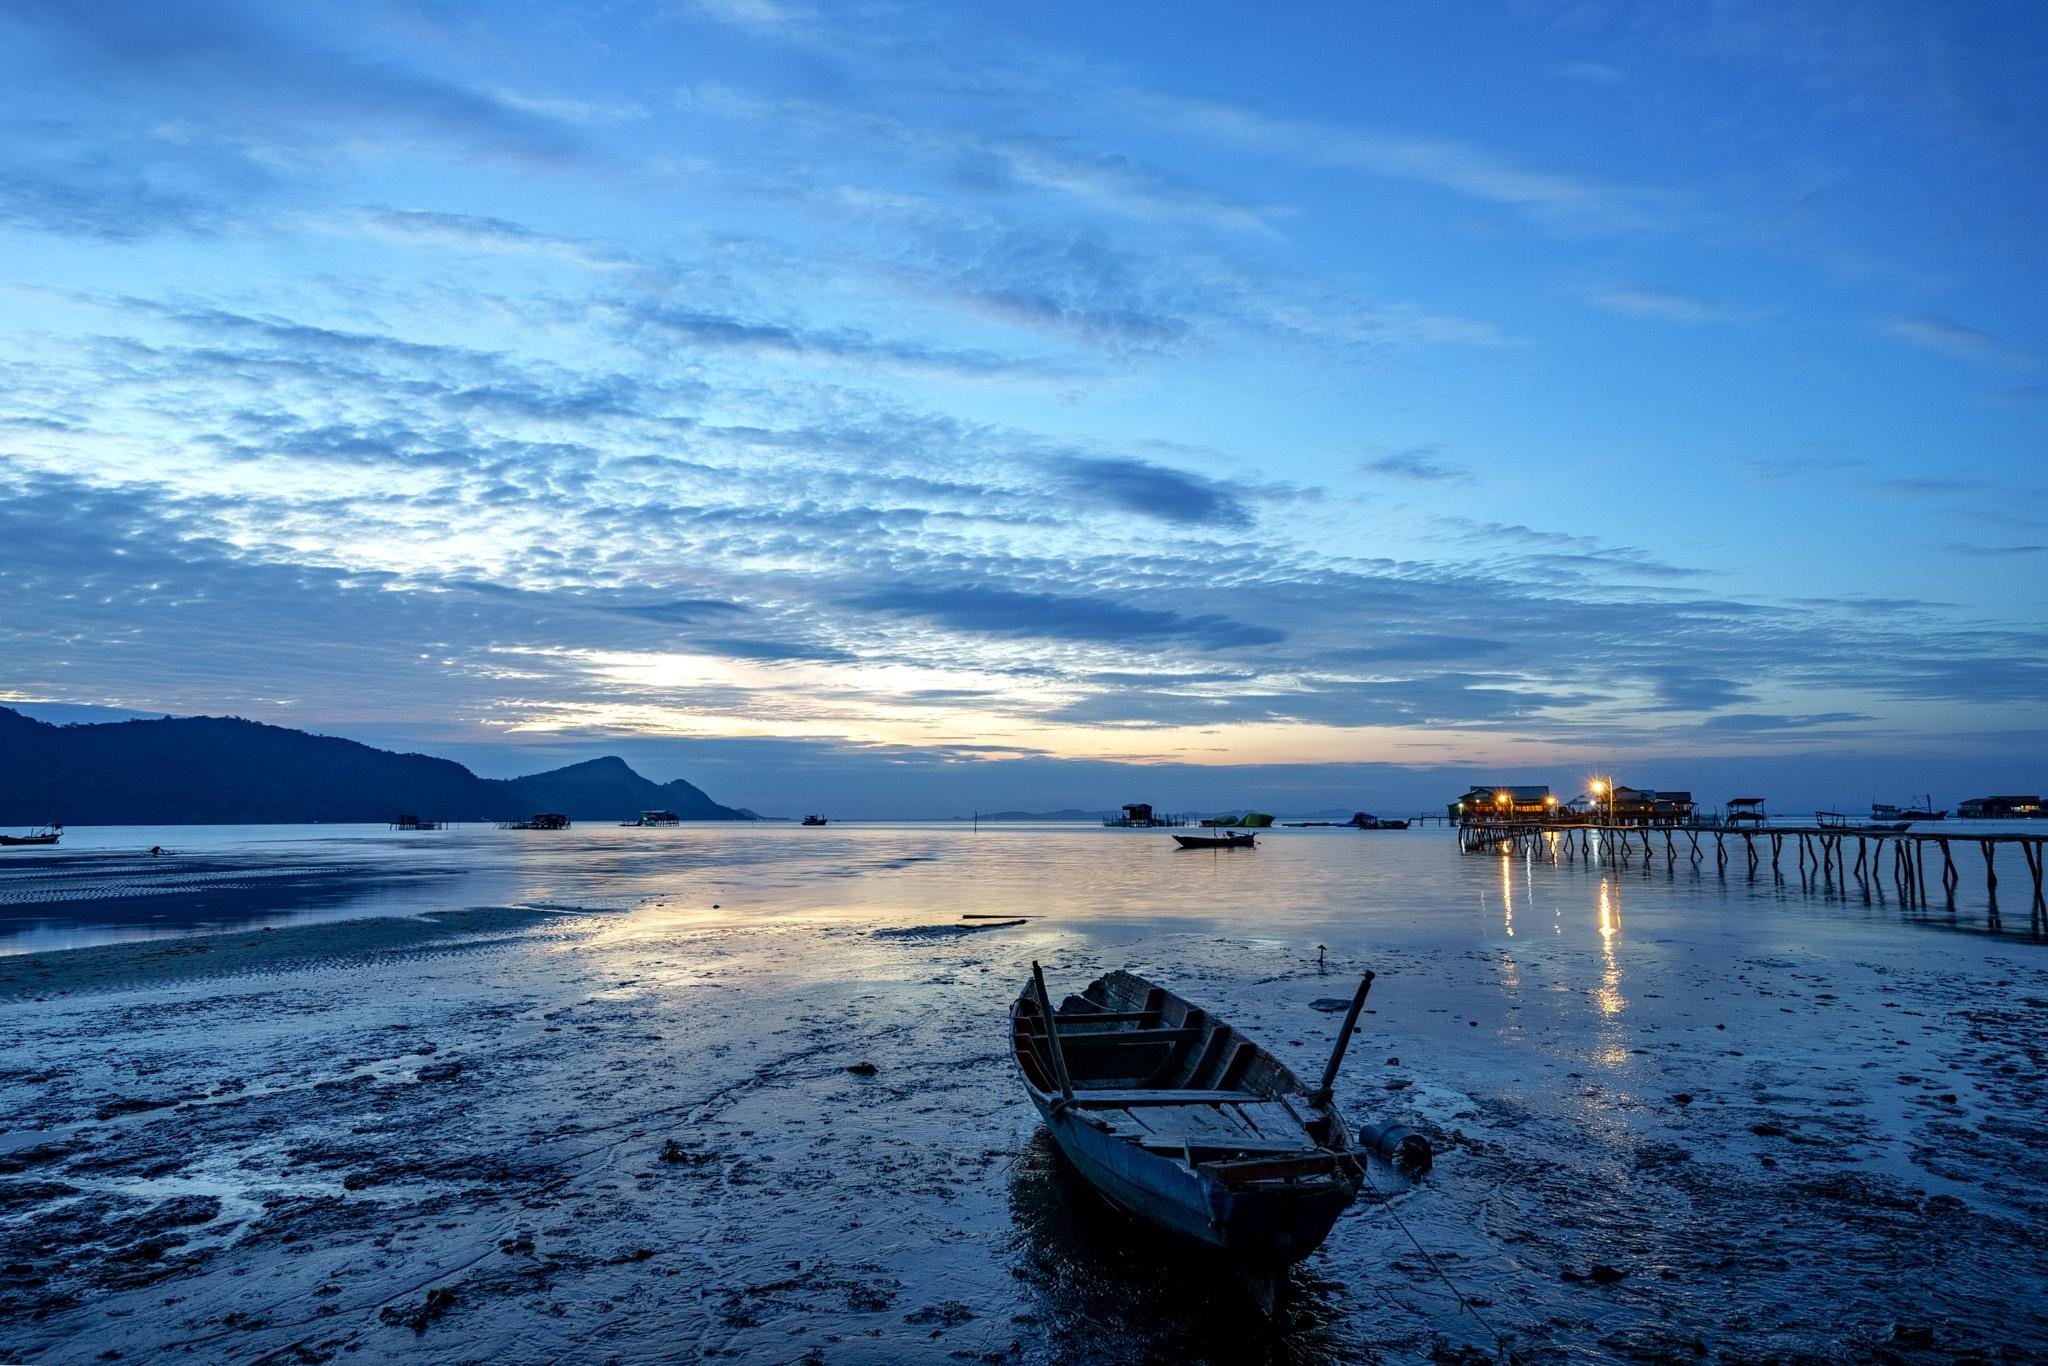 Chu du biển đảo Phú Quốc, ngắm vẻ đẹp giao hòa của tự nhiên - Ảnh 9.